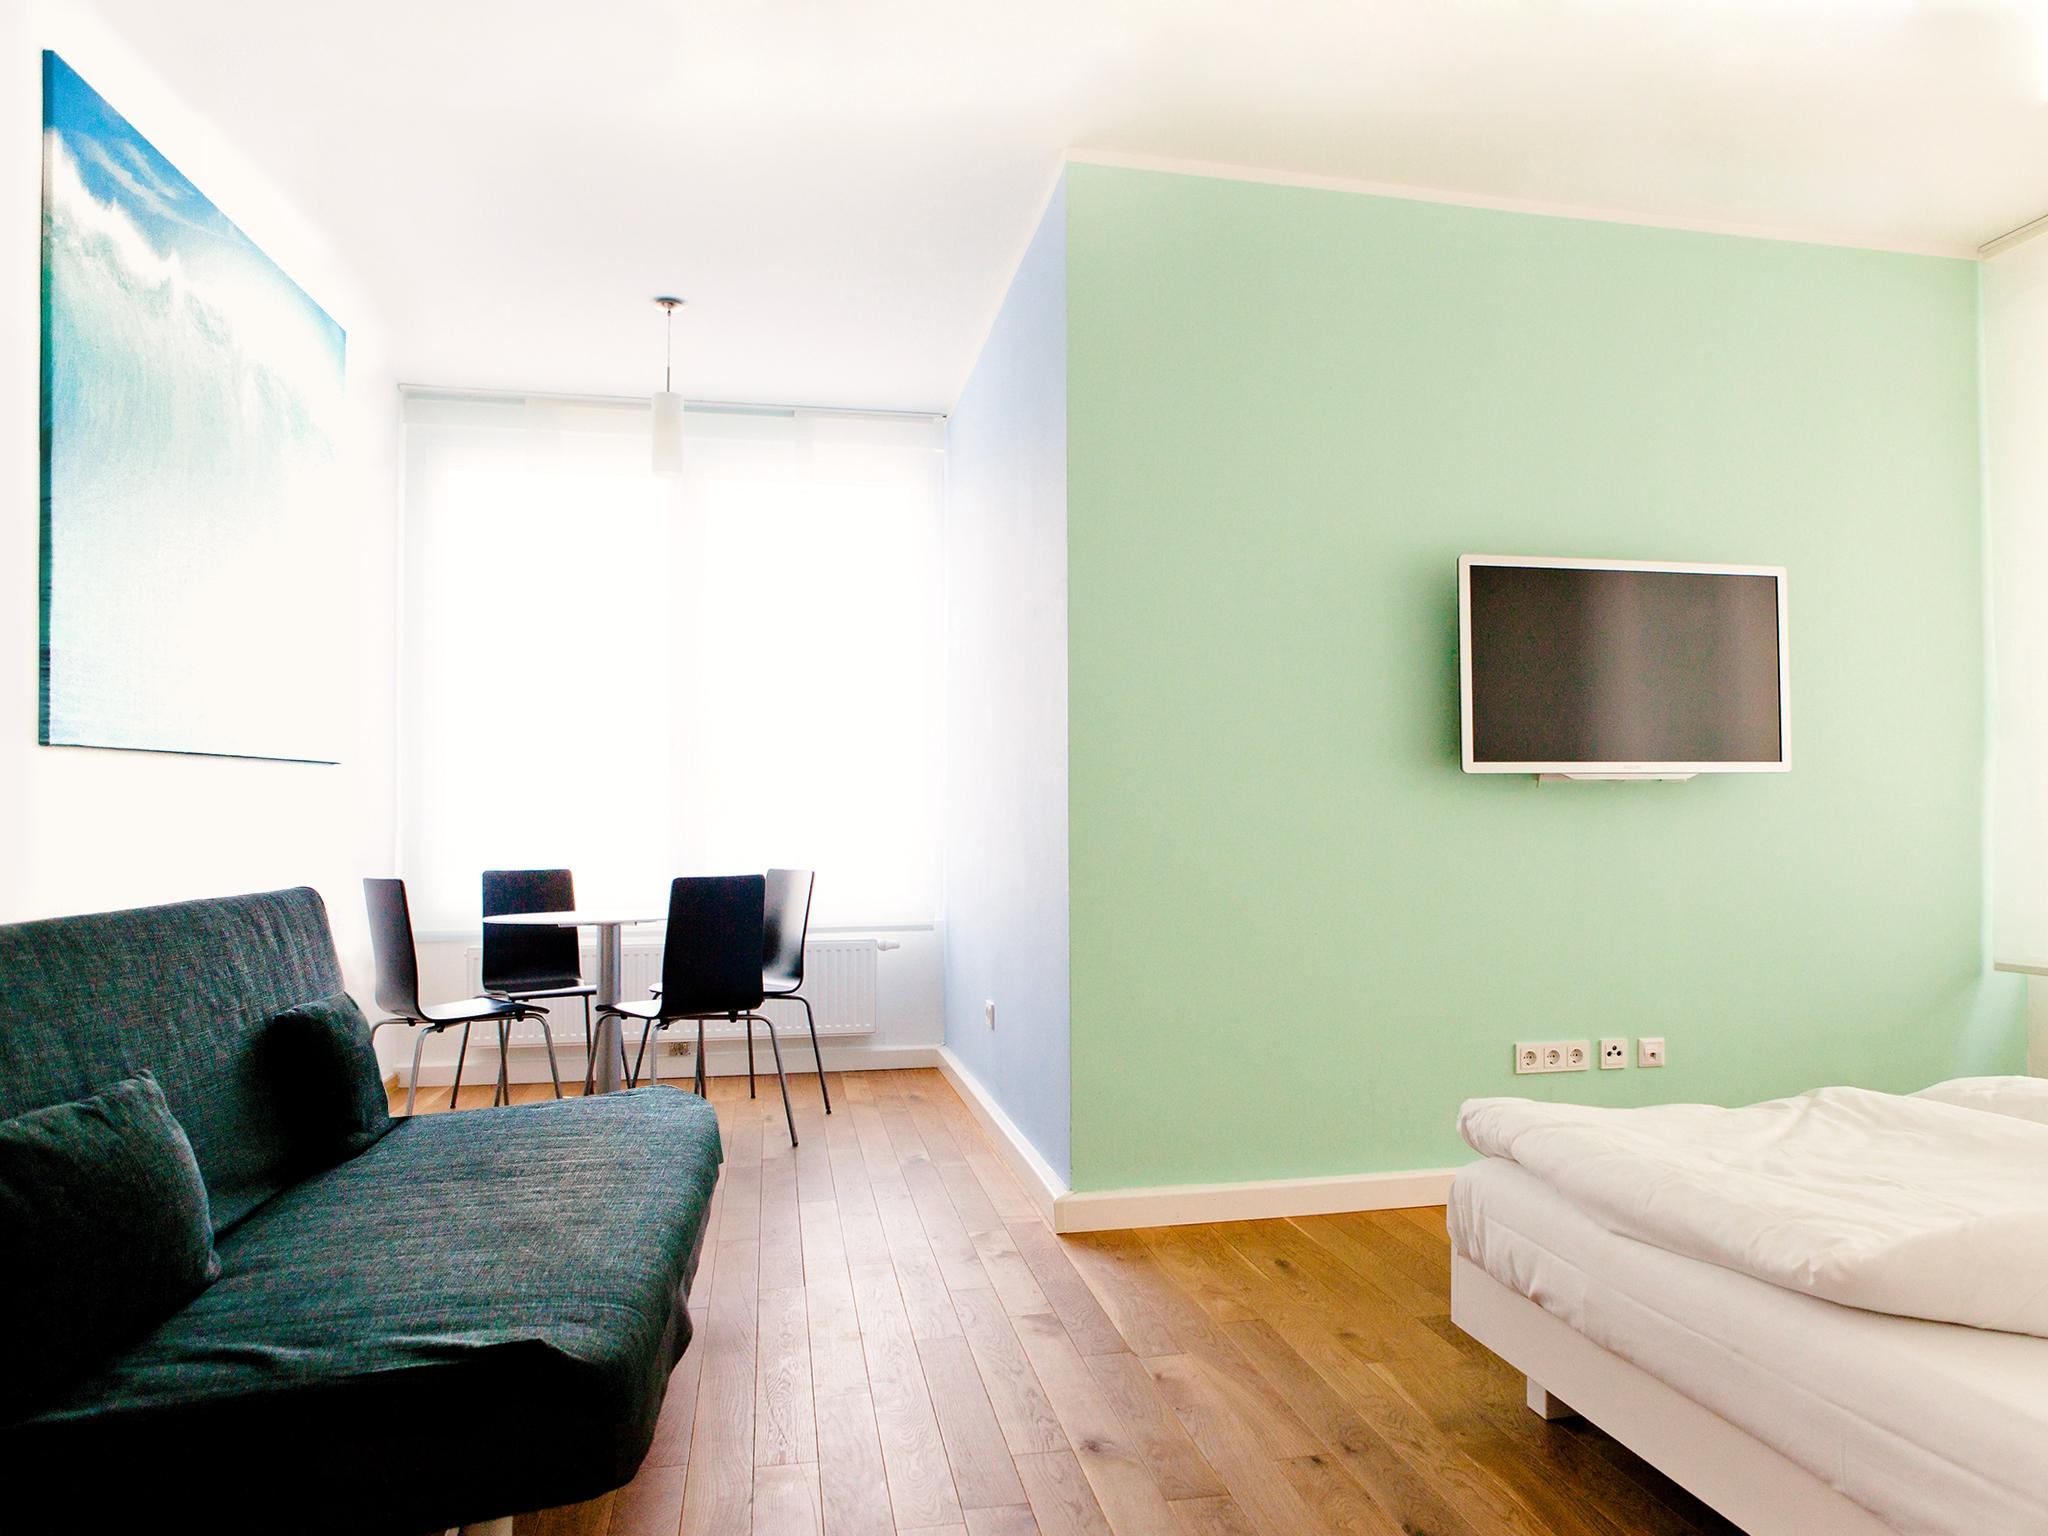 Apartment Wasser Wohnraum Hauptfoto